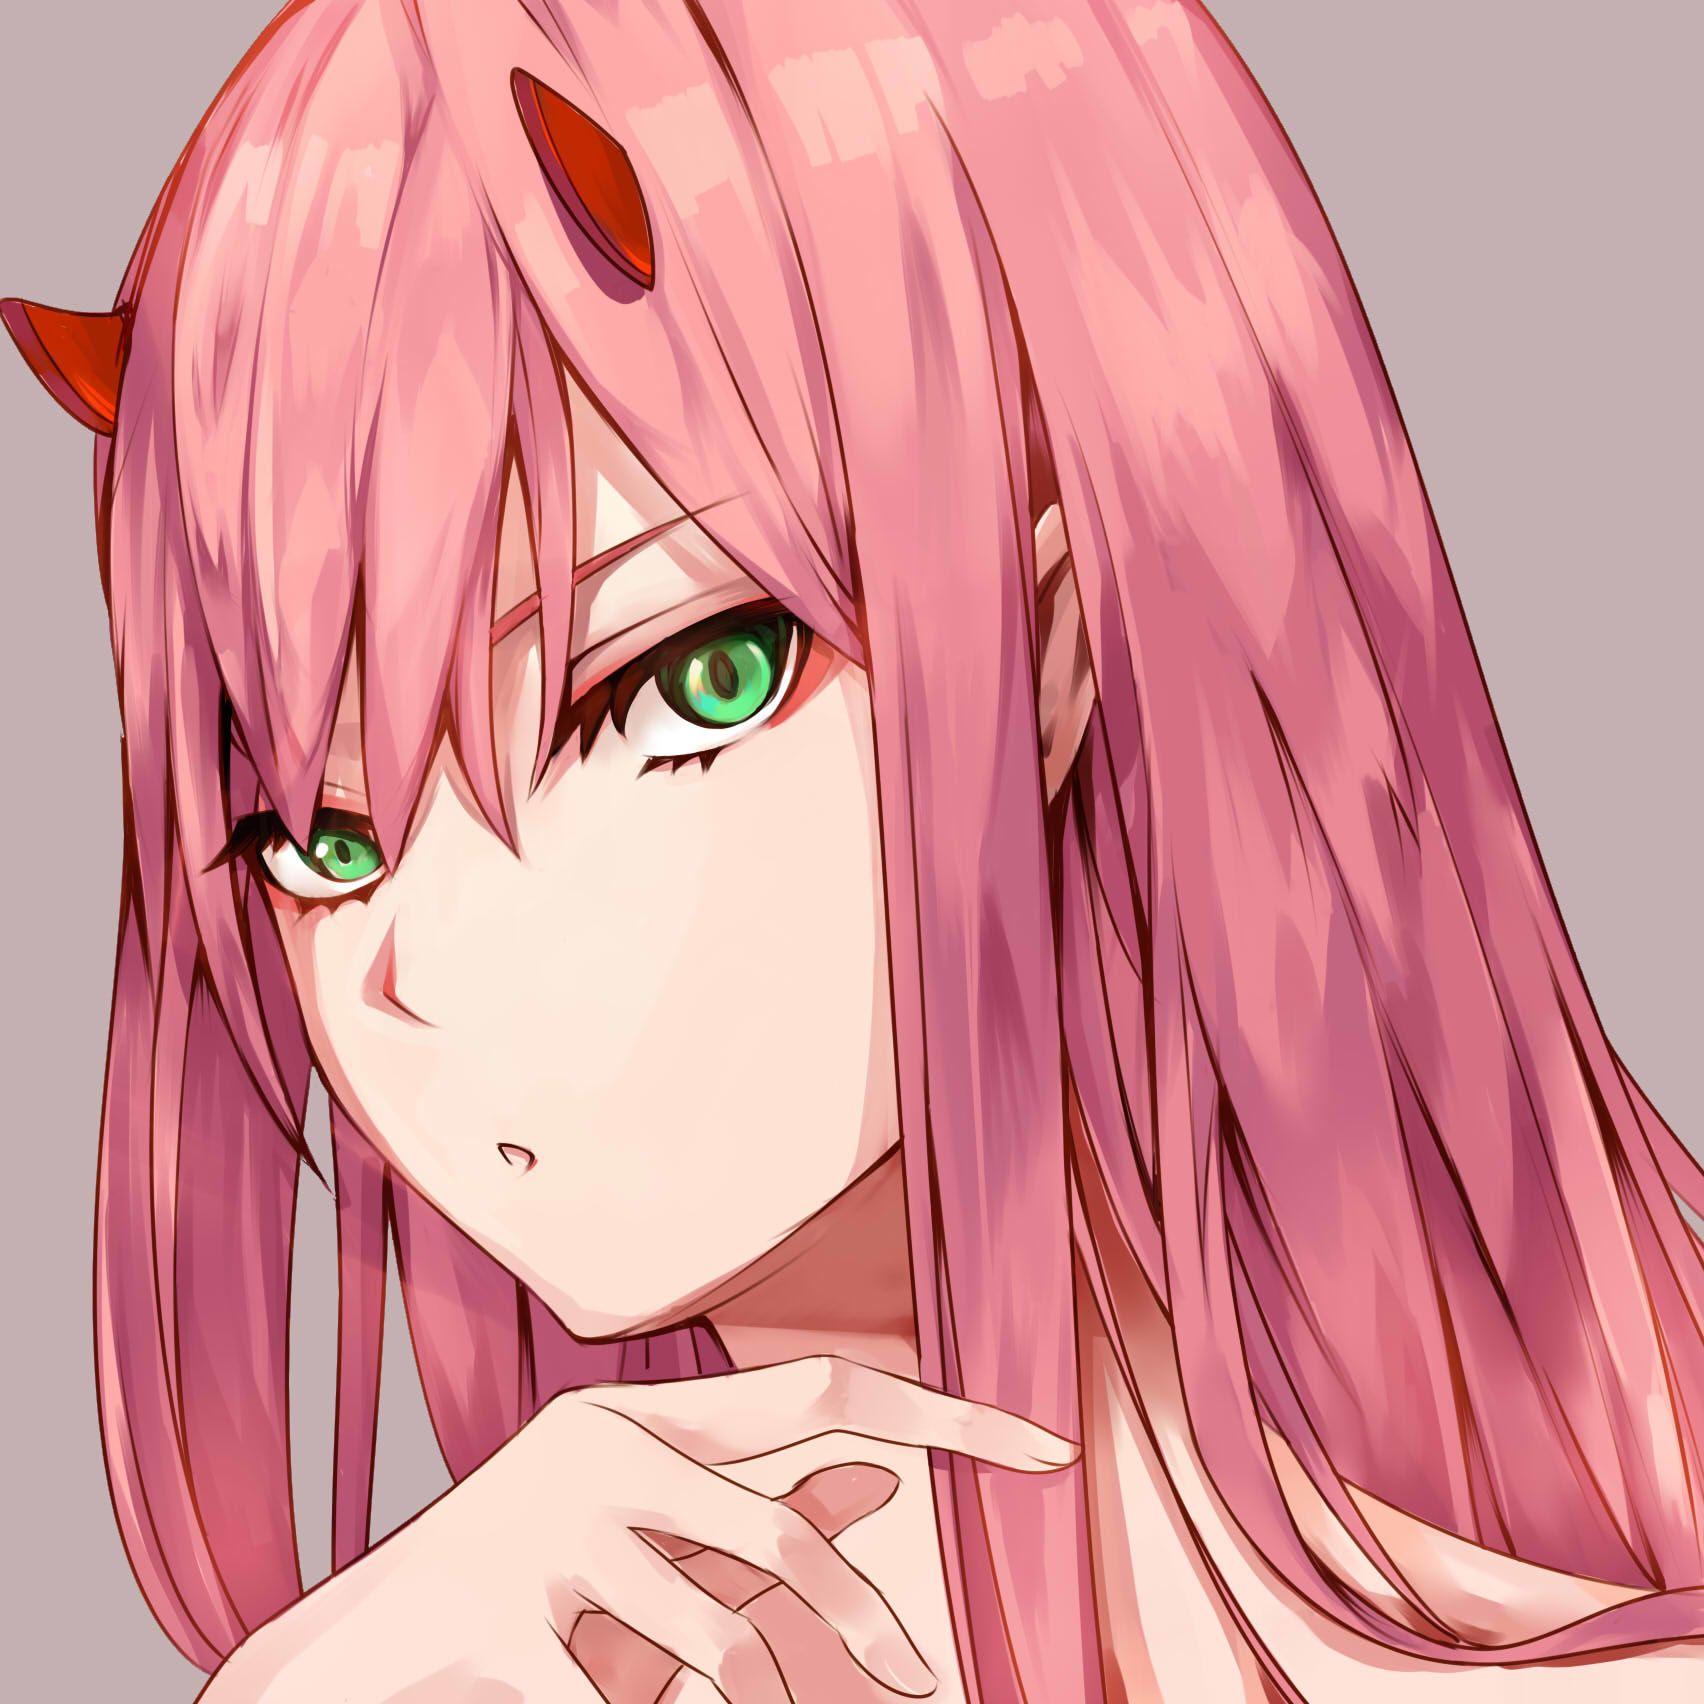 Pin On Anime Stuff